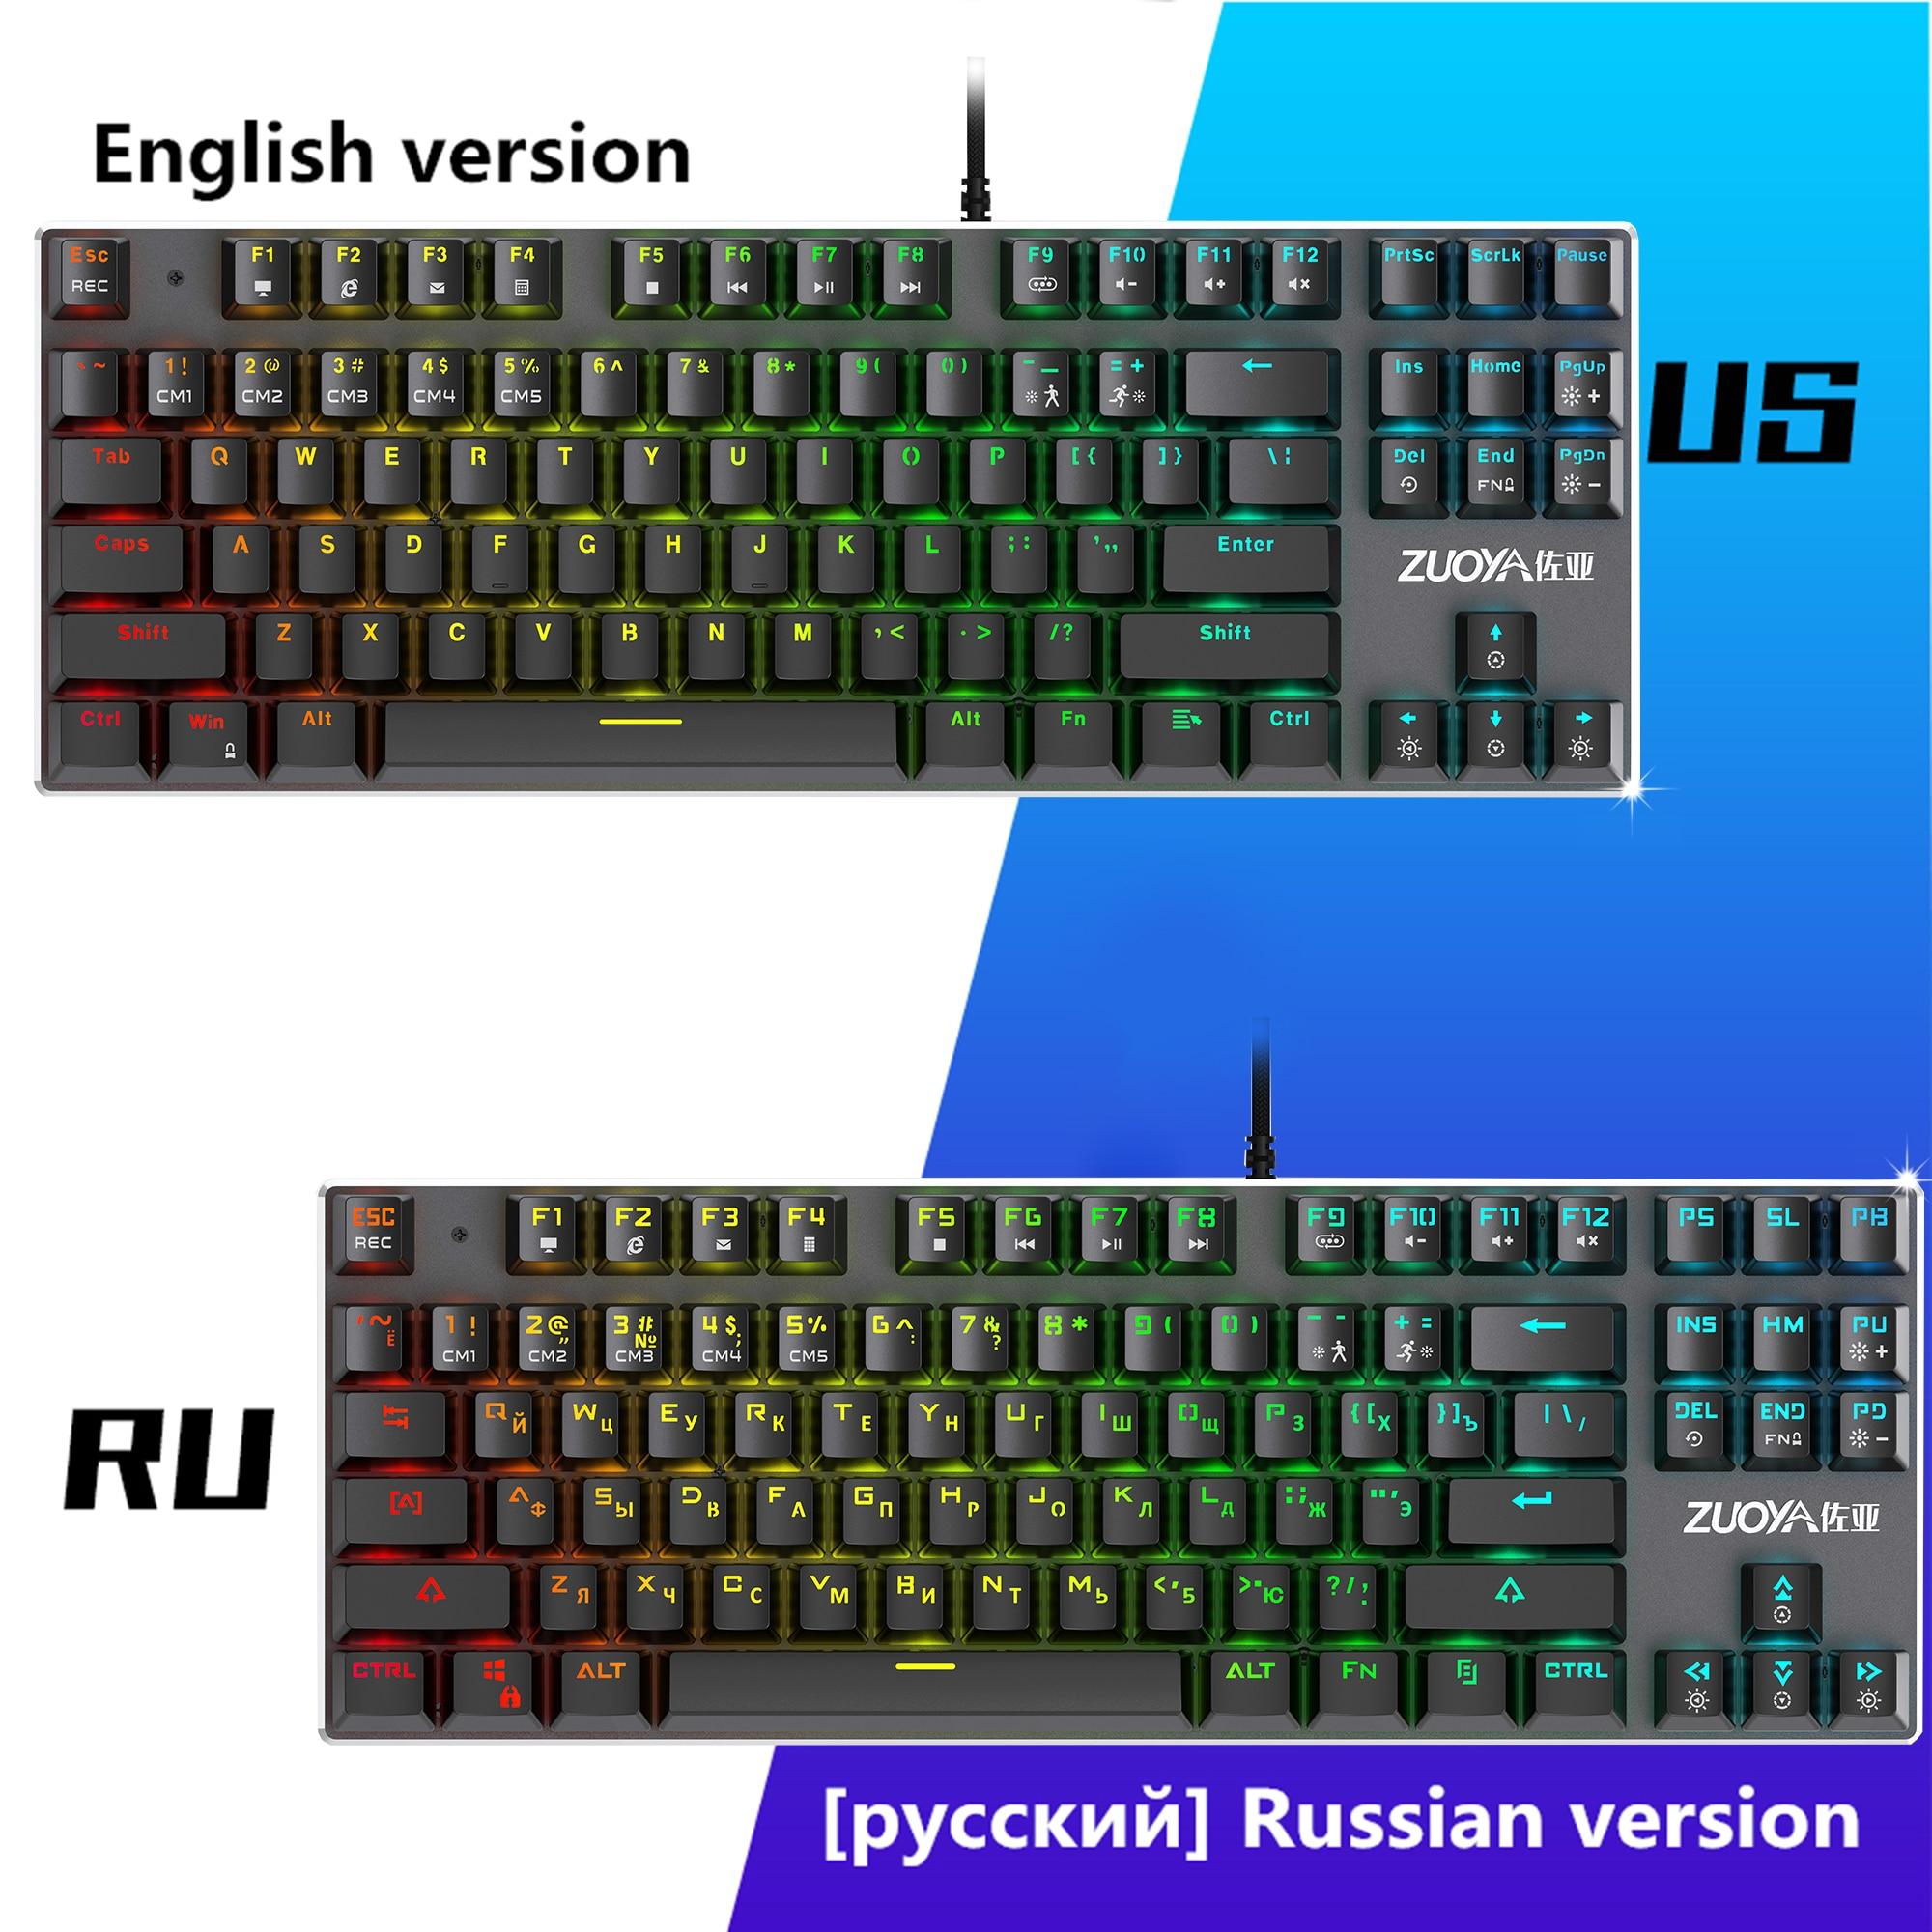 لوحة مفاتيح ألعاب ميكانيكية سلكية ، 87 مفتاحًا ، مع إضاءة خلفية RGB LED ، مضاد للظلال ، أزرق ، أحمر ، USB ، RU/US ، للاعبين ، الكمبيوتر الشخصي ، الكمبيو...